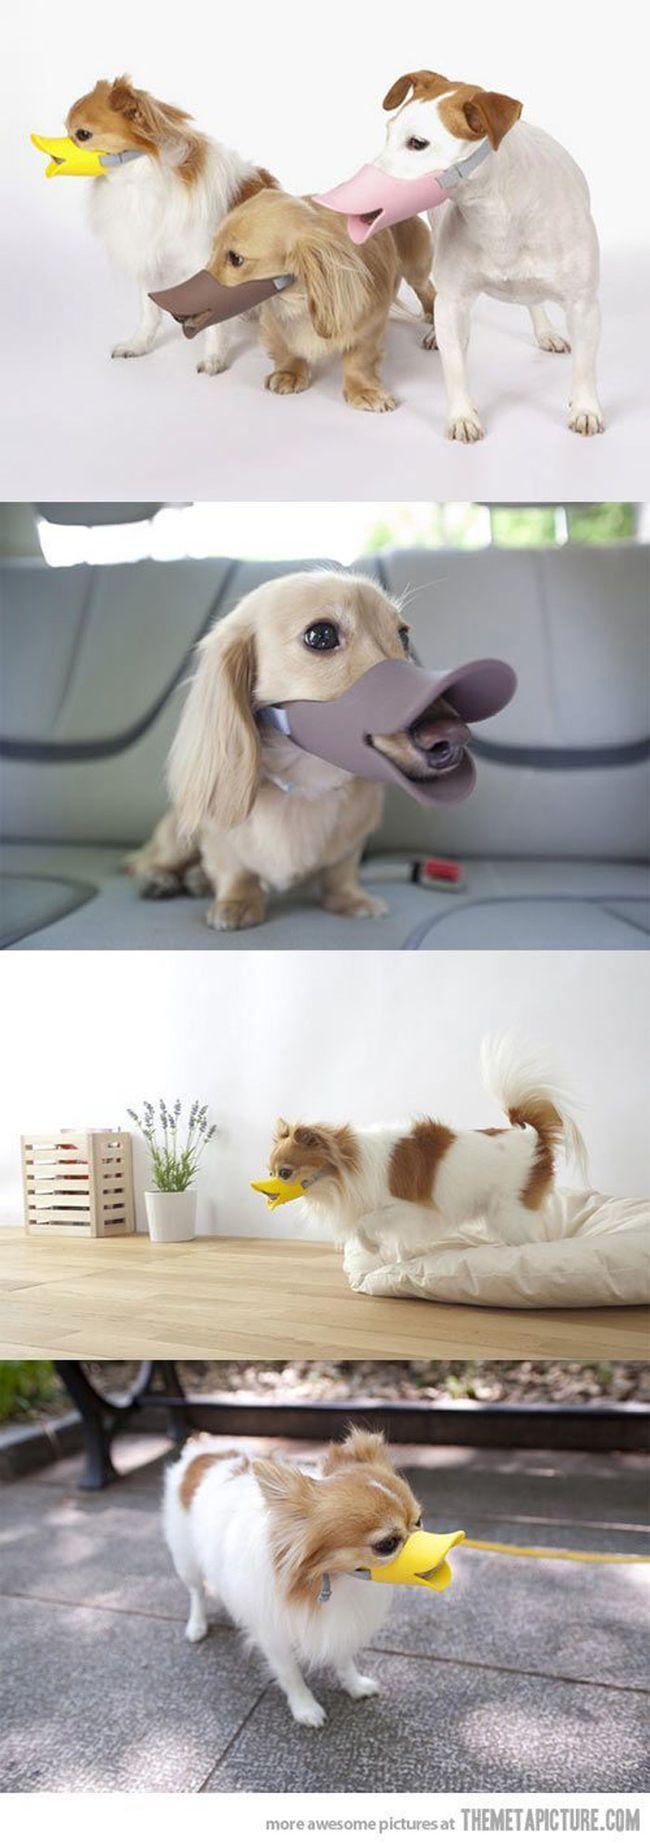 deter barking?